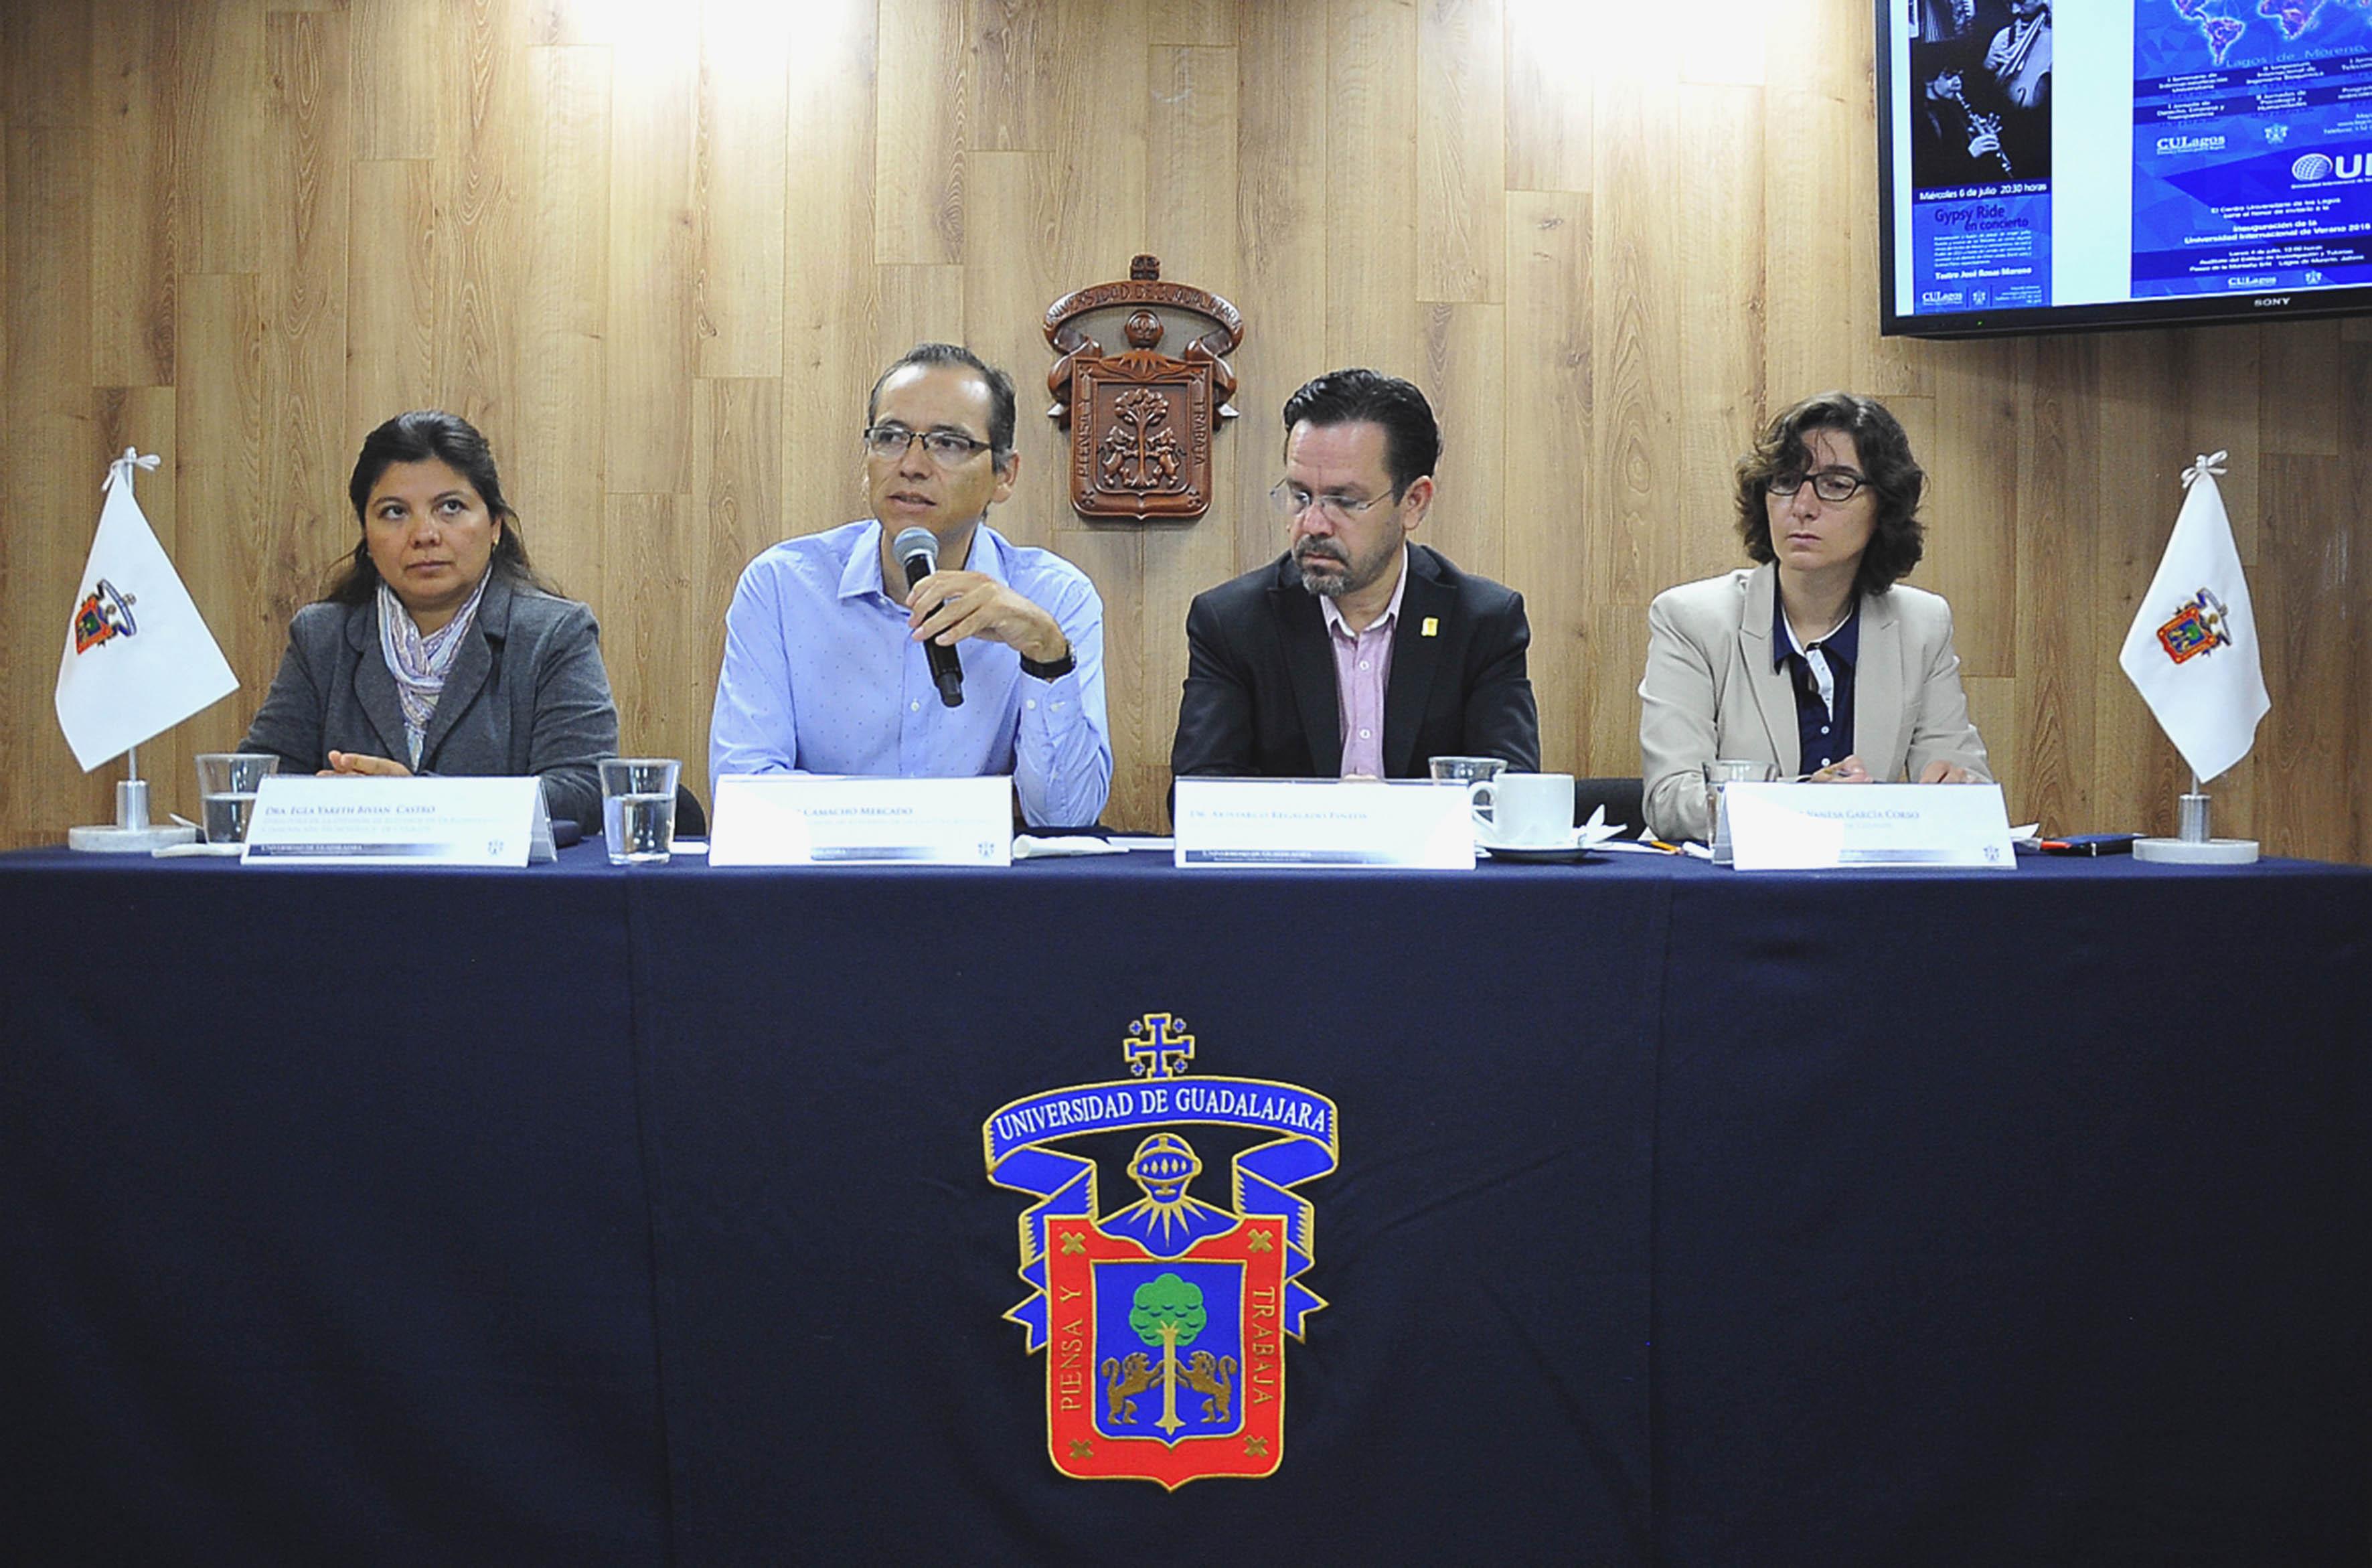 Conferencia de prensa dio a conocer que se realizarán 31 conferencias en el ámbito de las ciencias sociales, 20 en ingenierías